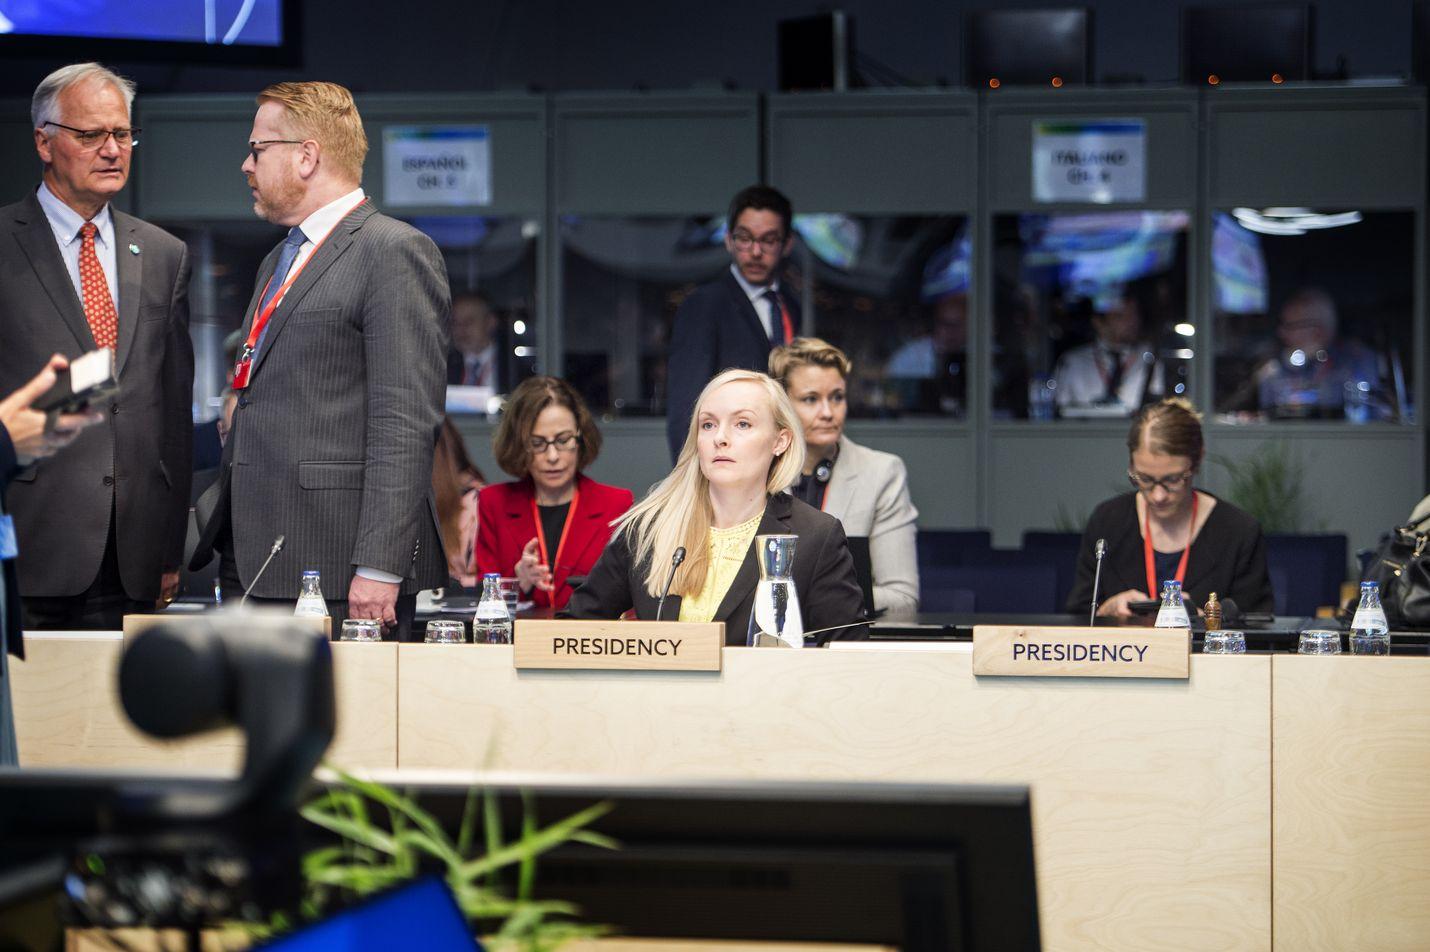 Sisäministeri Maria Ohisalo (vihr.) johti EU:n sisäministerien epävirallisen kokouksen torstaina Helsingissä. Epävirallisissa ministerikokouksissa pohjustetaan tulevaa päätöksentekoa.